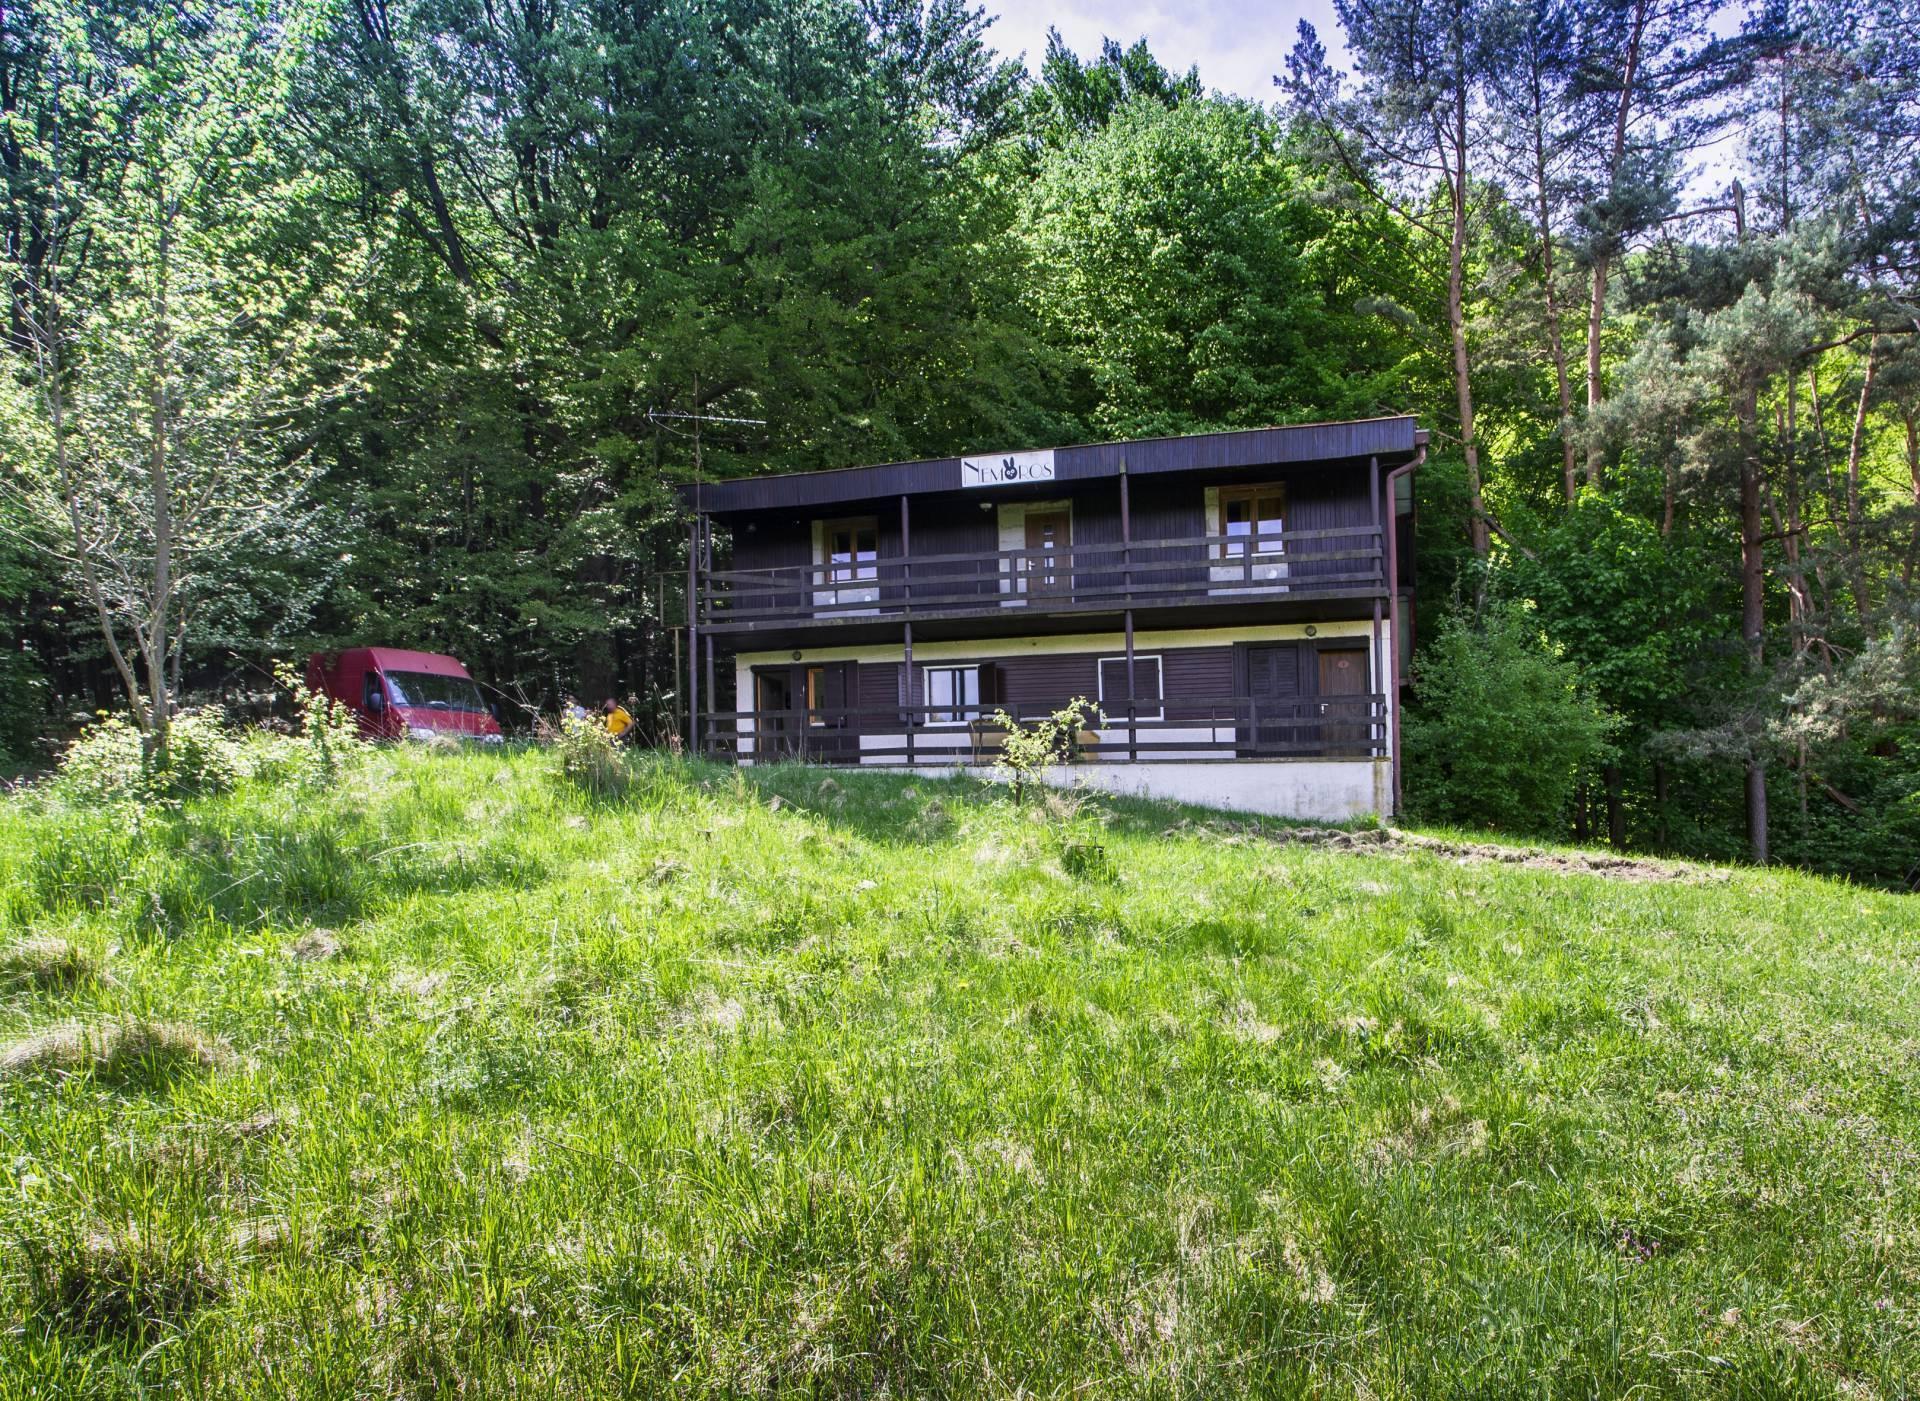 PREDAJ:Zrekonštruovaná chata s 3 apartmánmi  v Štiavnických vrchoch153m2,obec Sklené Teplice